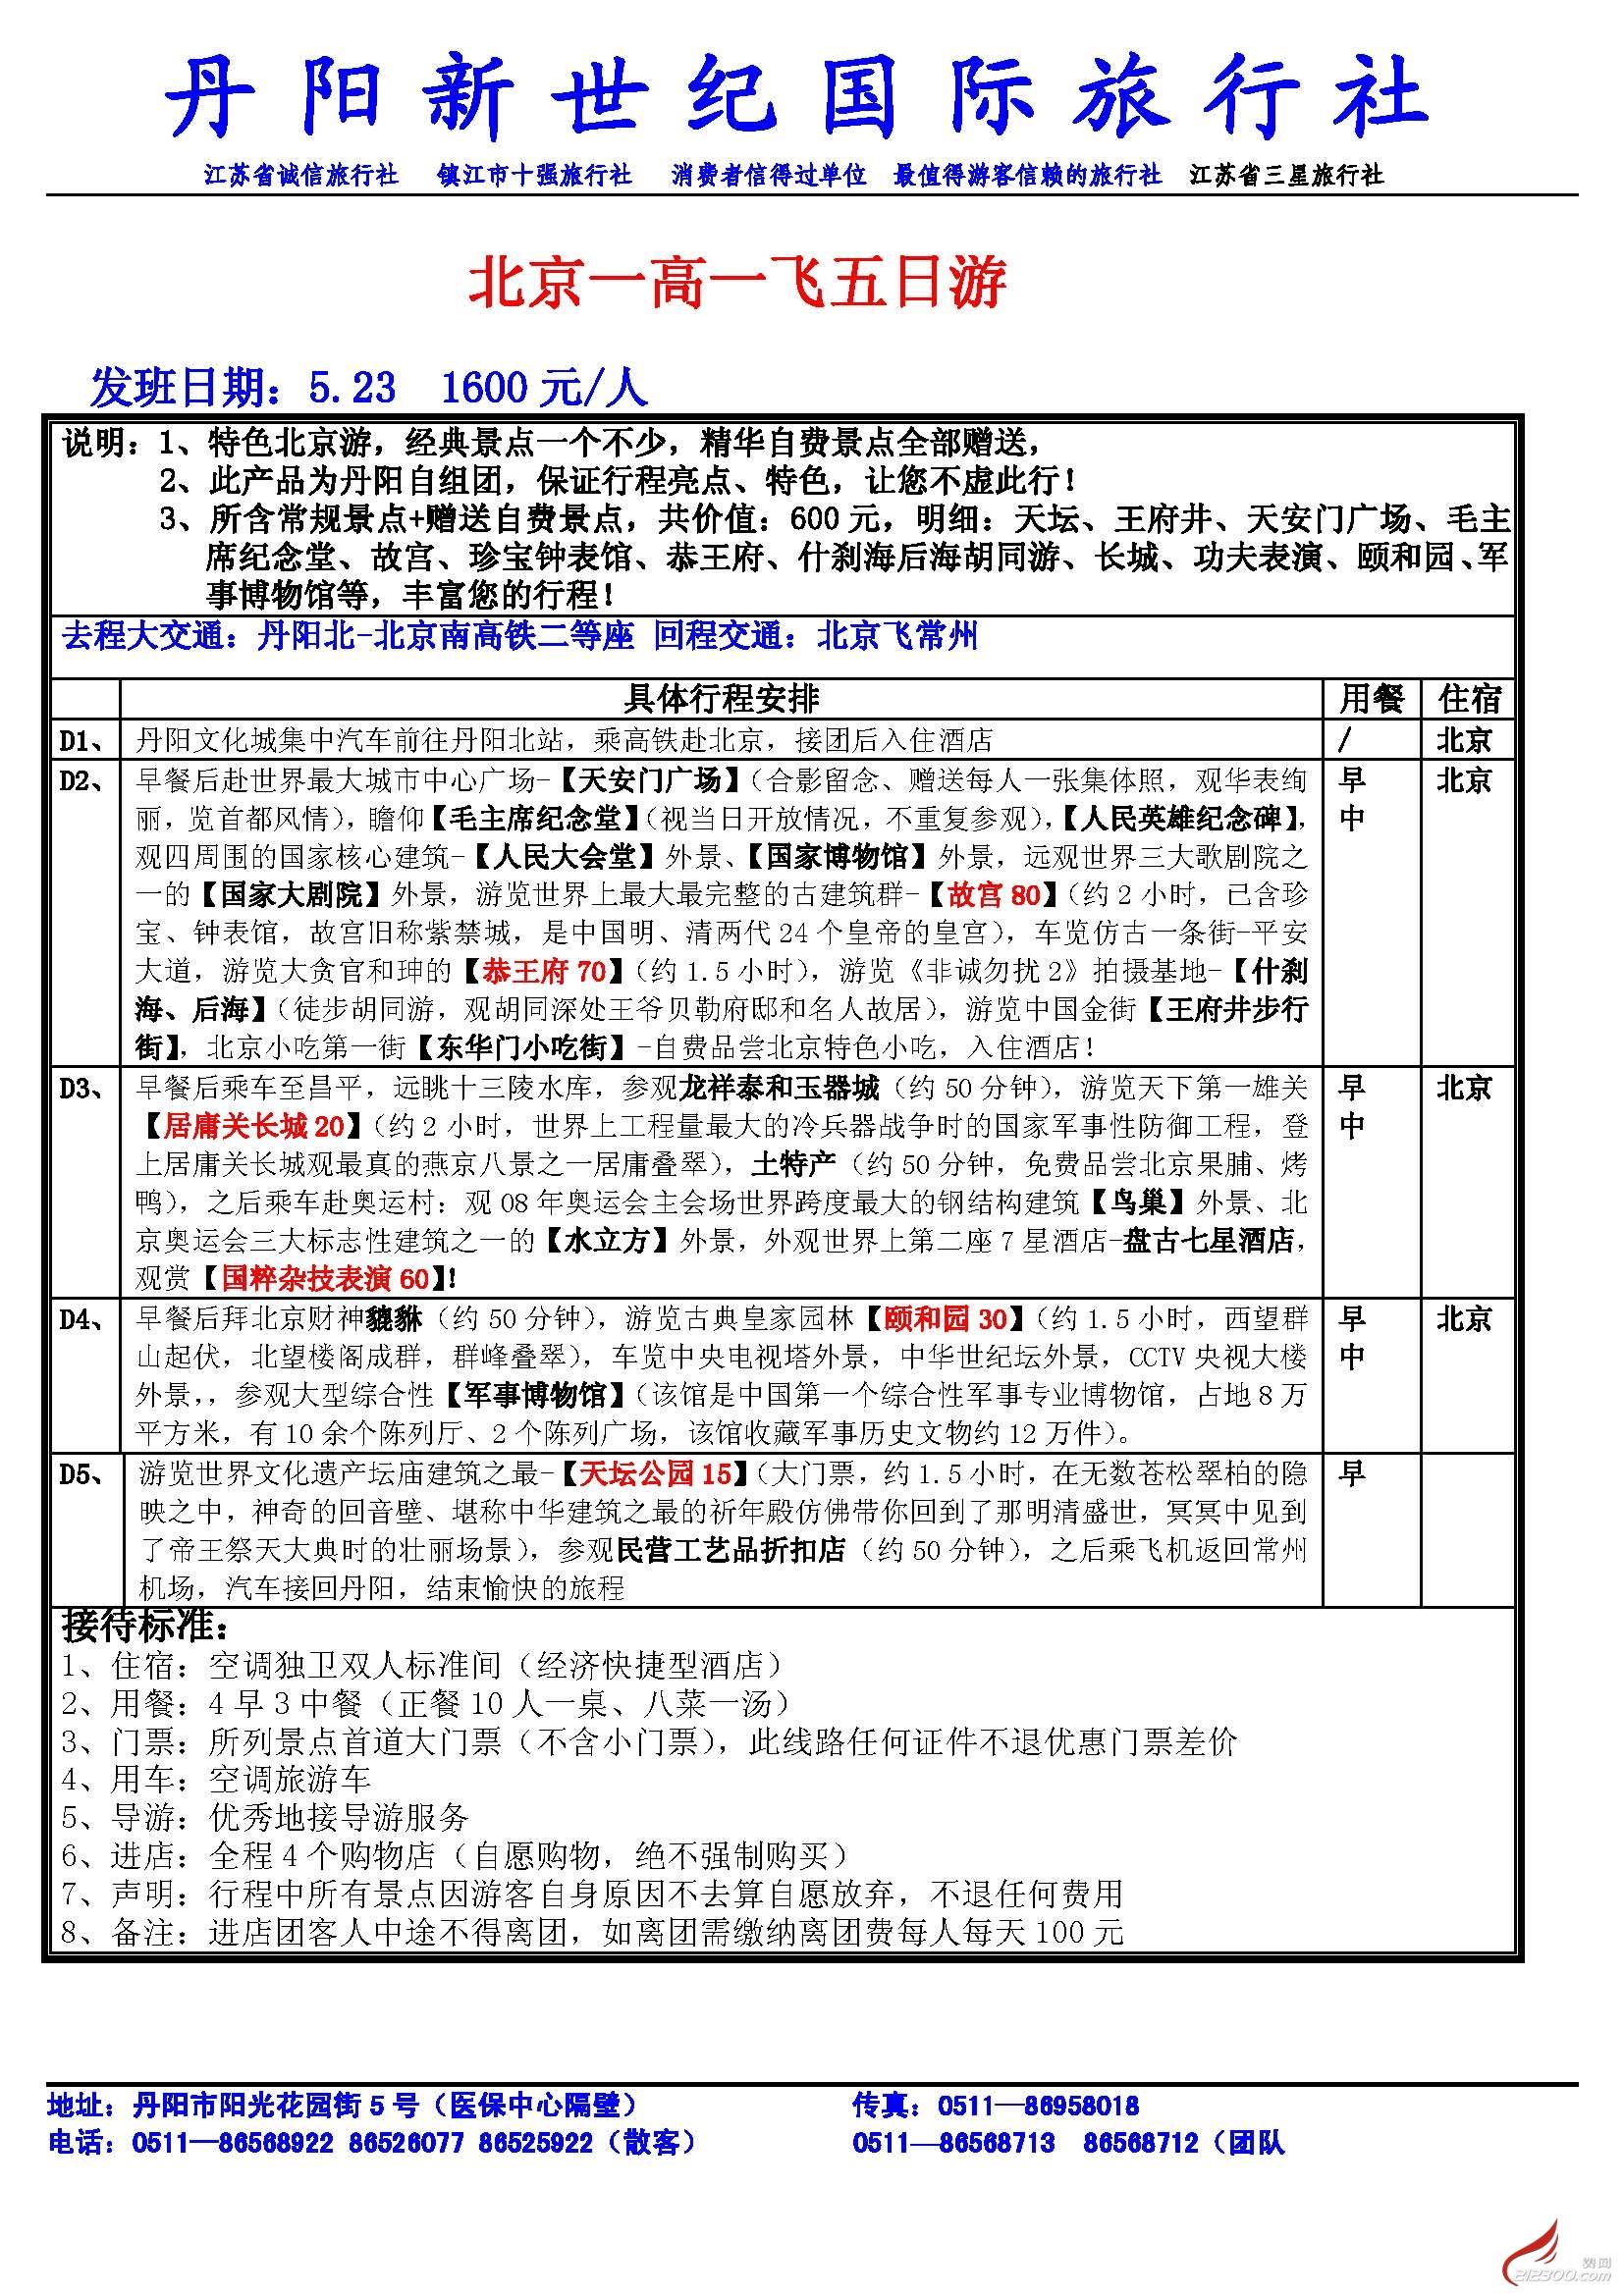 福利彩票双色球中奖规则 (2008-10-31 11:57:06) 下简称《管理办法》)制定. 周 2,4,7 日开奖第一章 总则 第一条本规则依据财政部 《彩票发行与销售管理暂行规定》 《中国福.